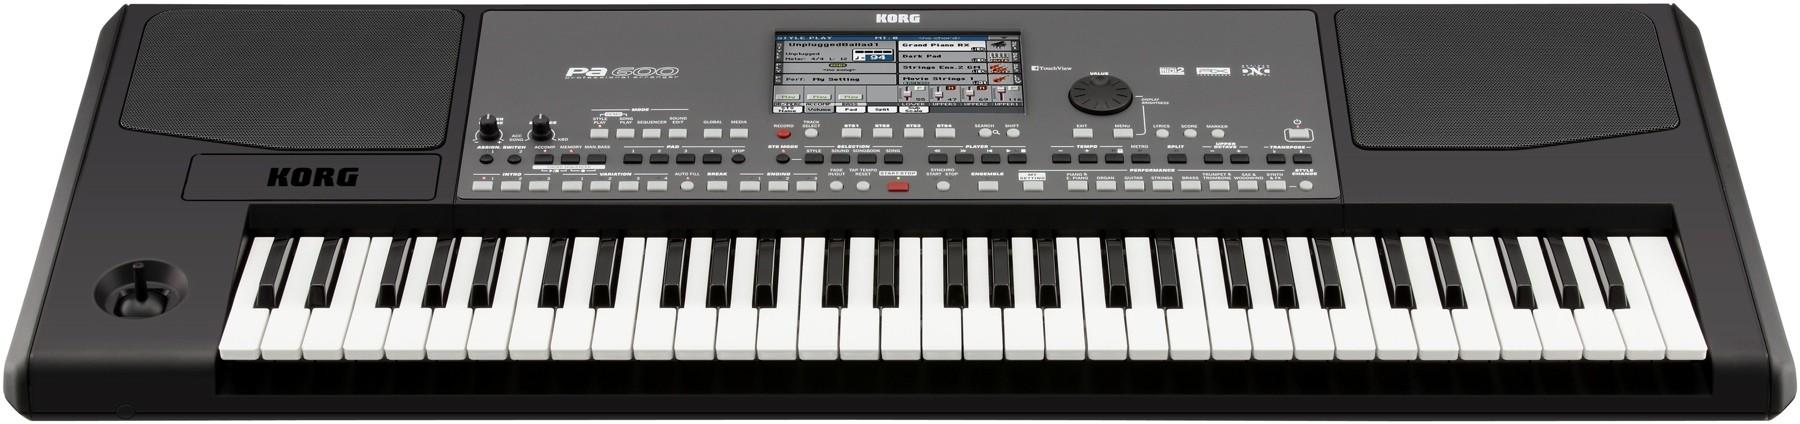 Korg Pa600   Buy Music Professional Arranger   Best Price